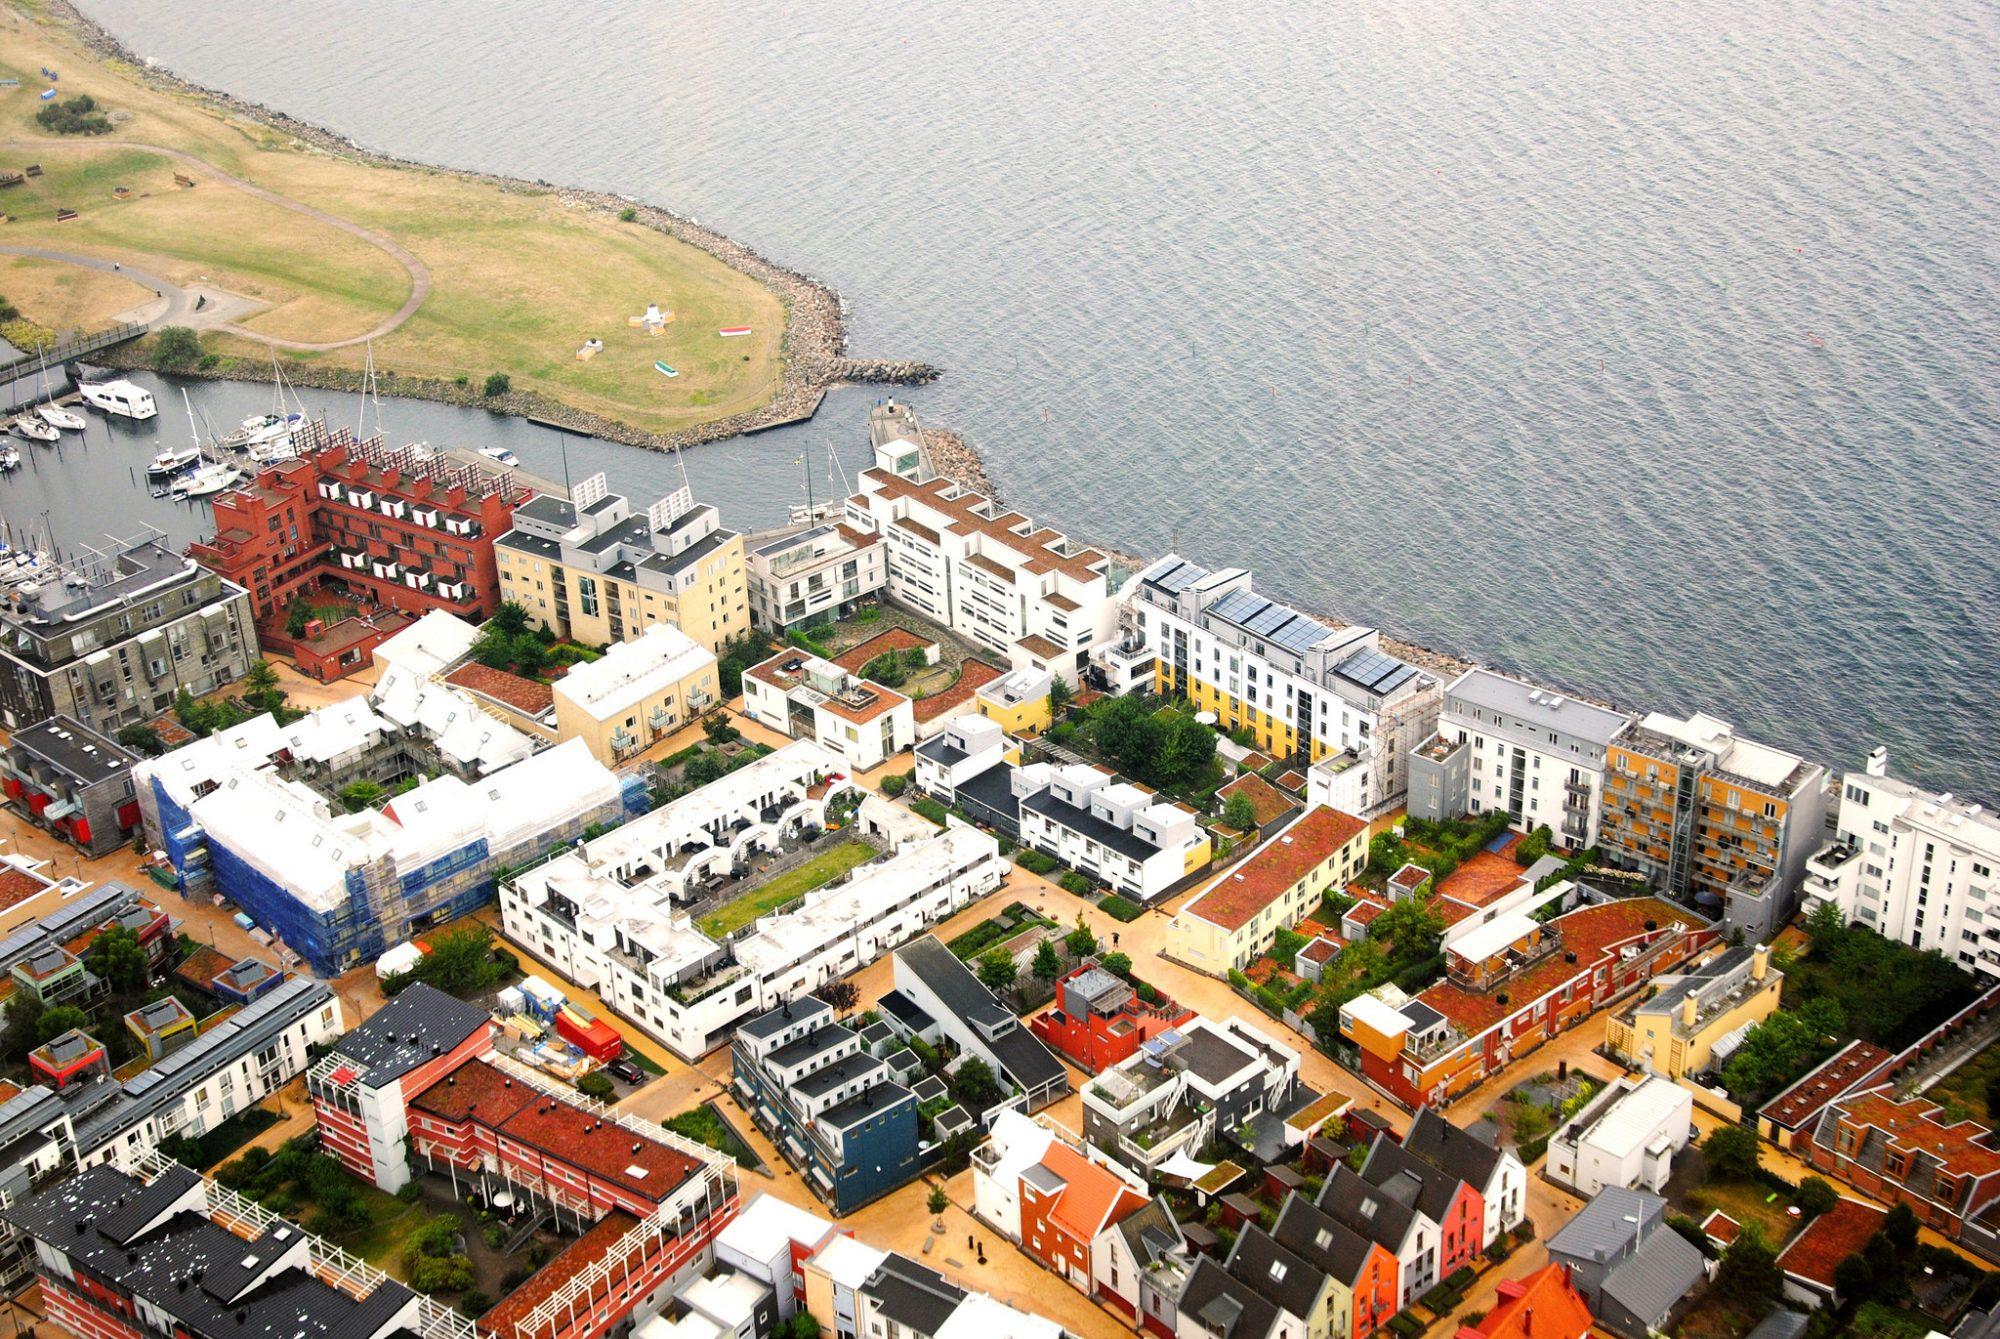 En Suède, il existe un quartier fonctionnant uniquement aux énergies renouvelables